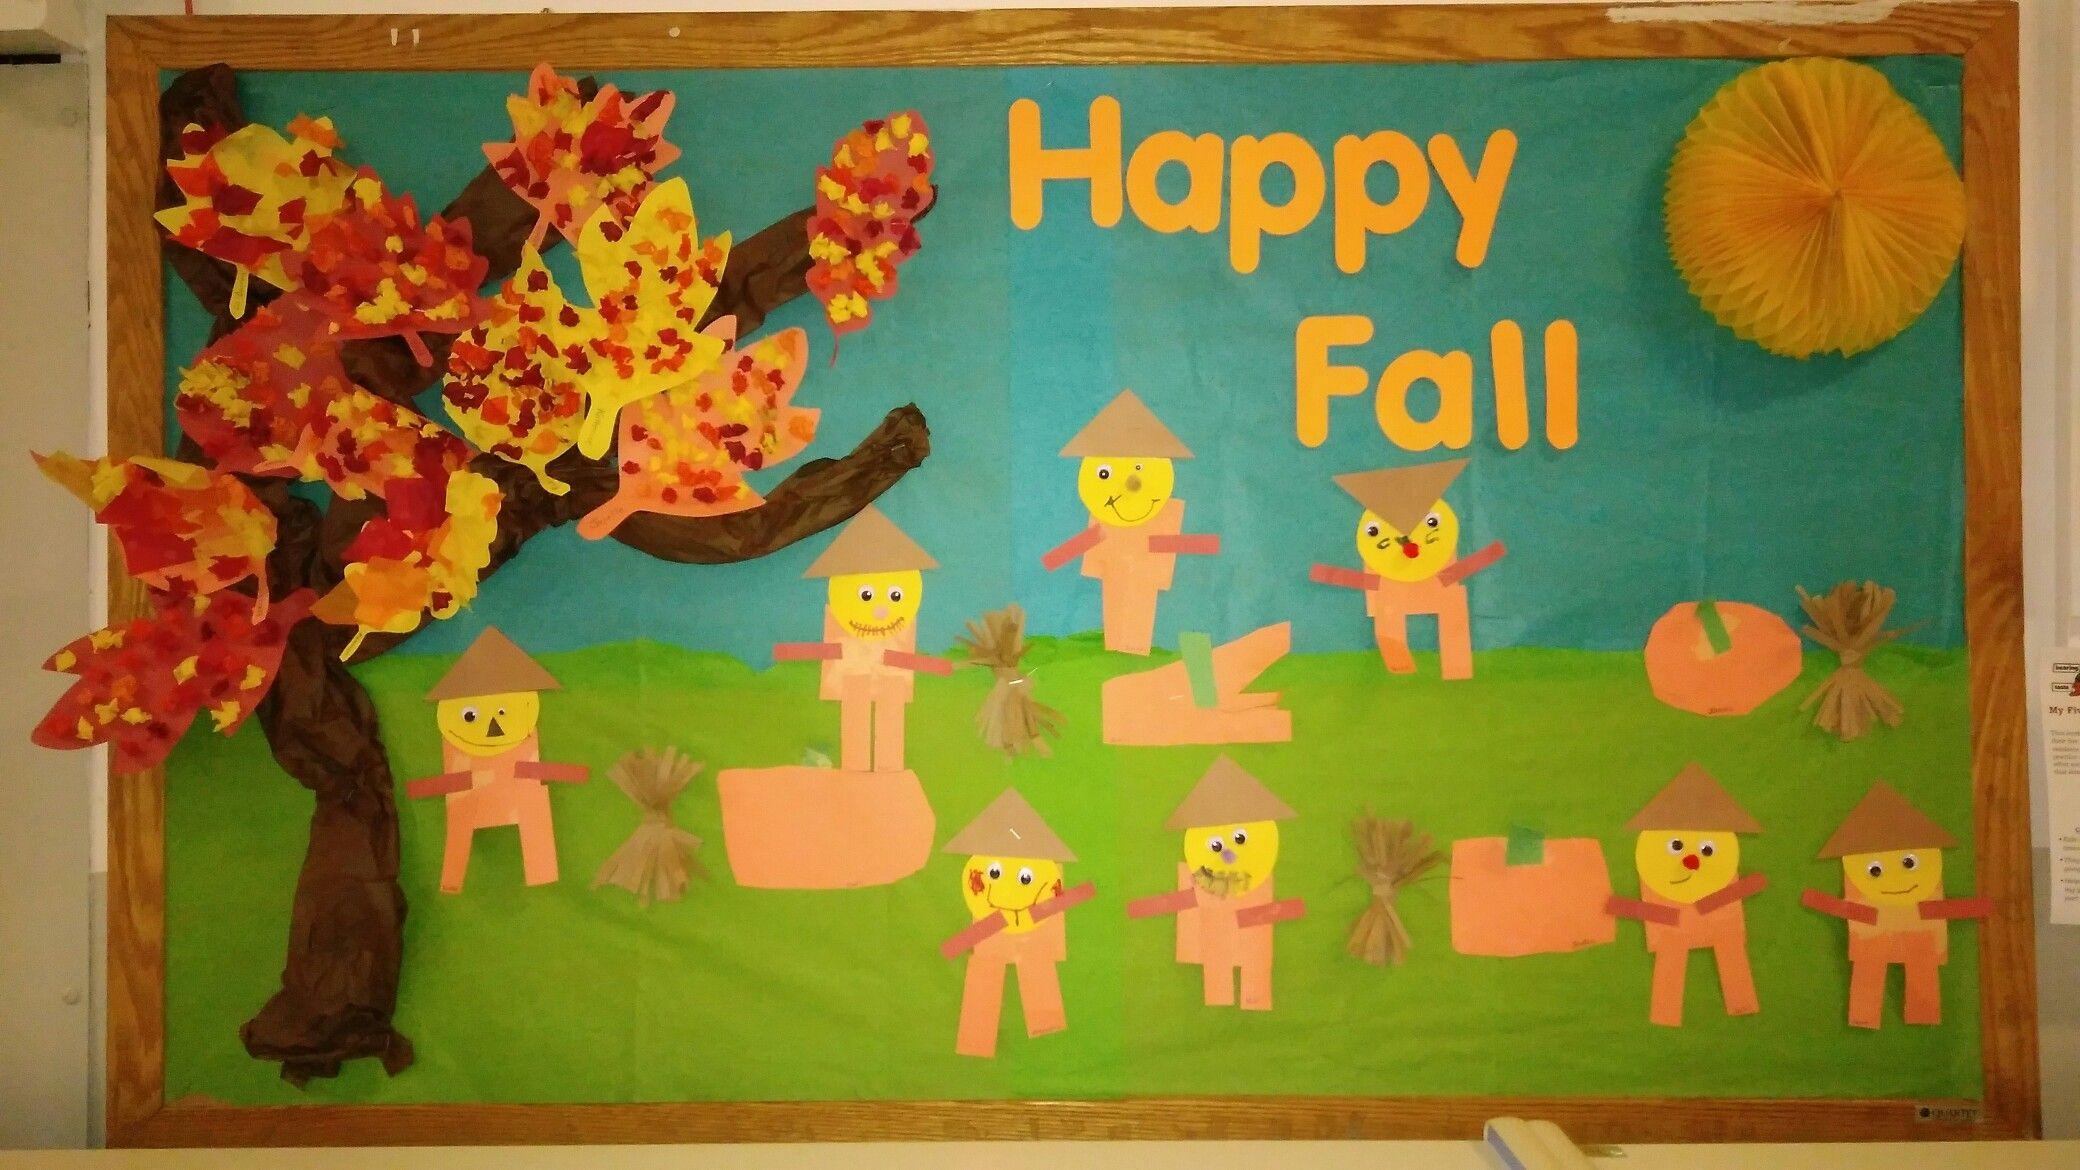 10 Lovable Fall Preschool Bulletin Board Ideas fall preschool bulletin board preschool crafts and bulletin board 2020